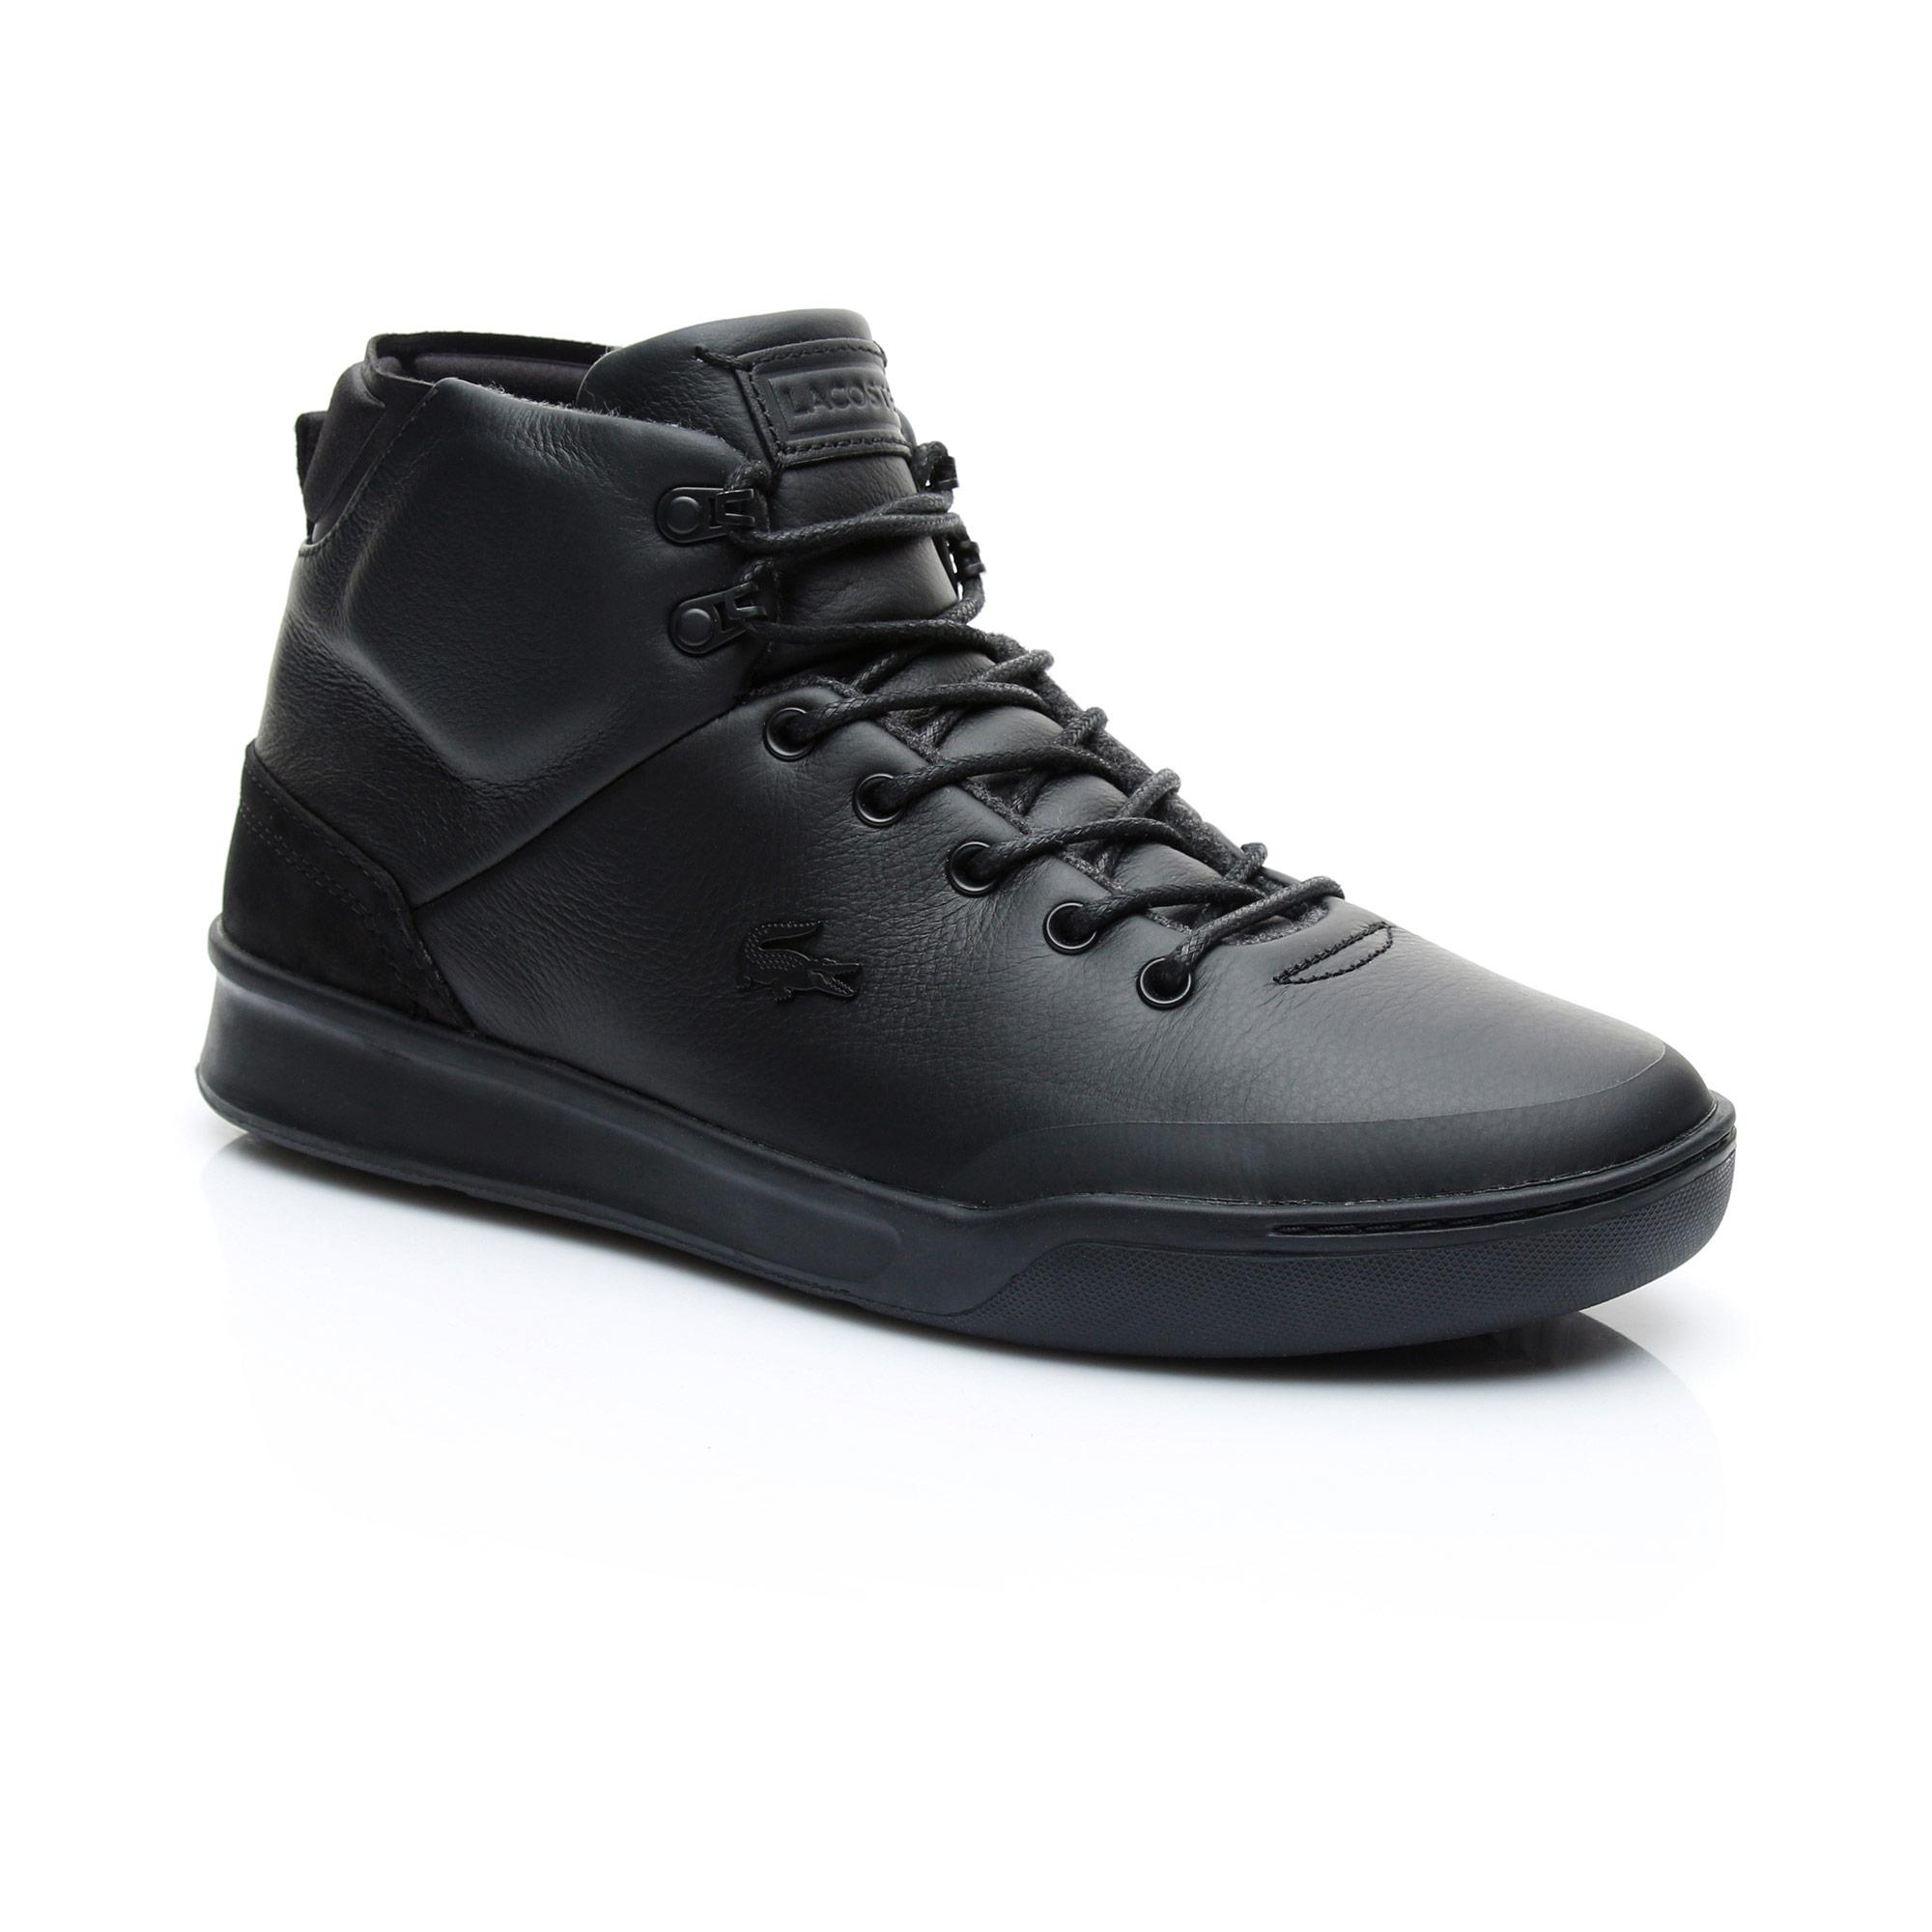 Lacoste Explorateur Classic Boots Winterstiefel Herren Schwarz 40CMA0001 02H